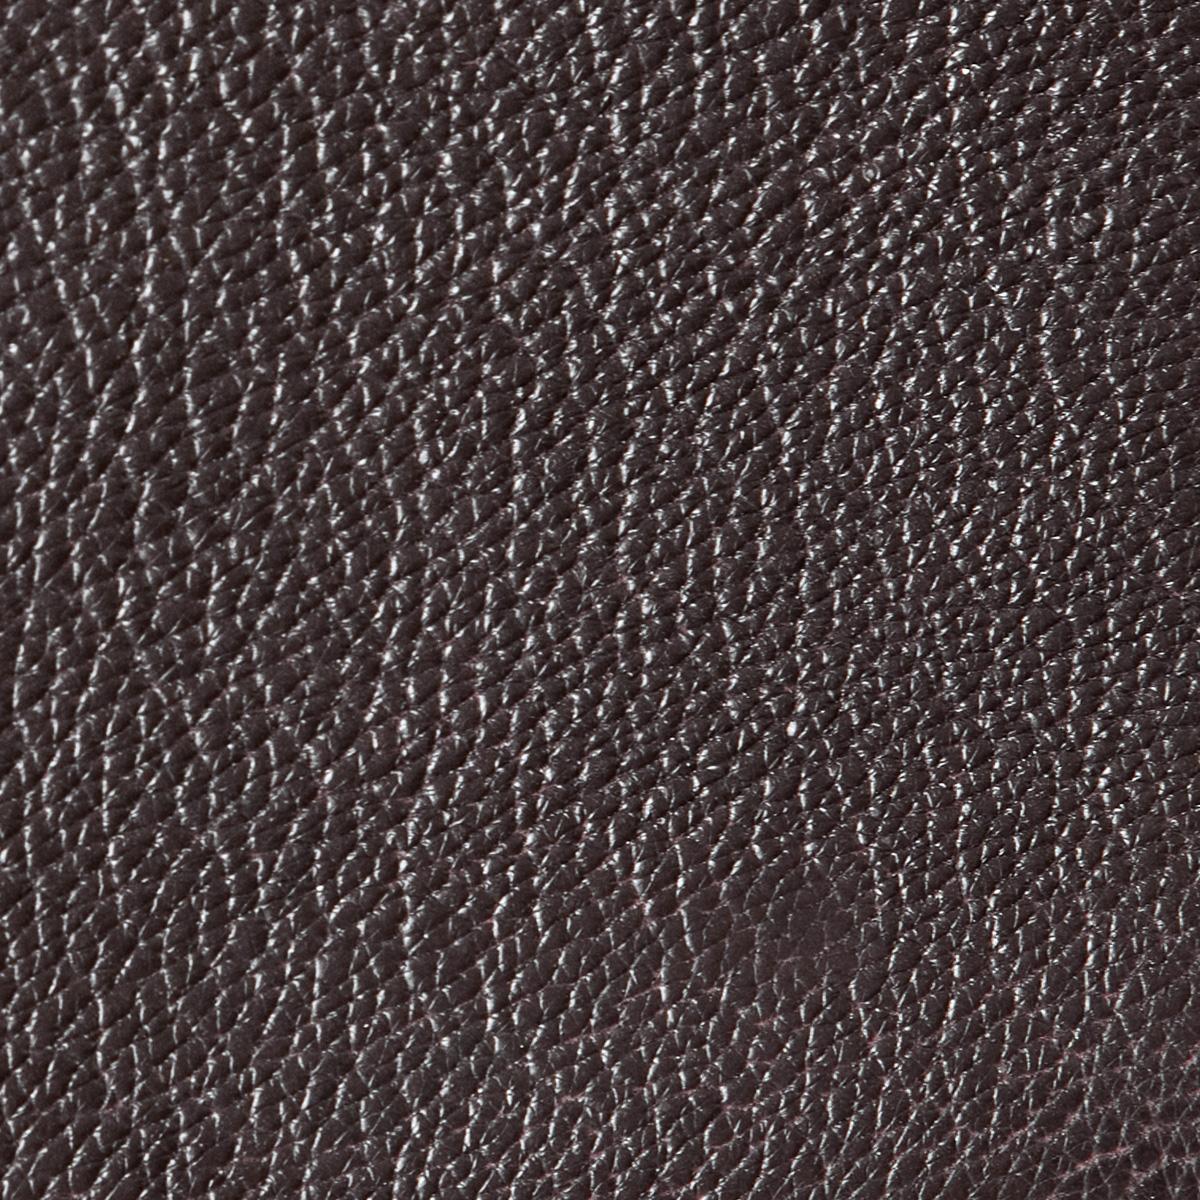 seal brown goatskin leather